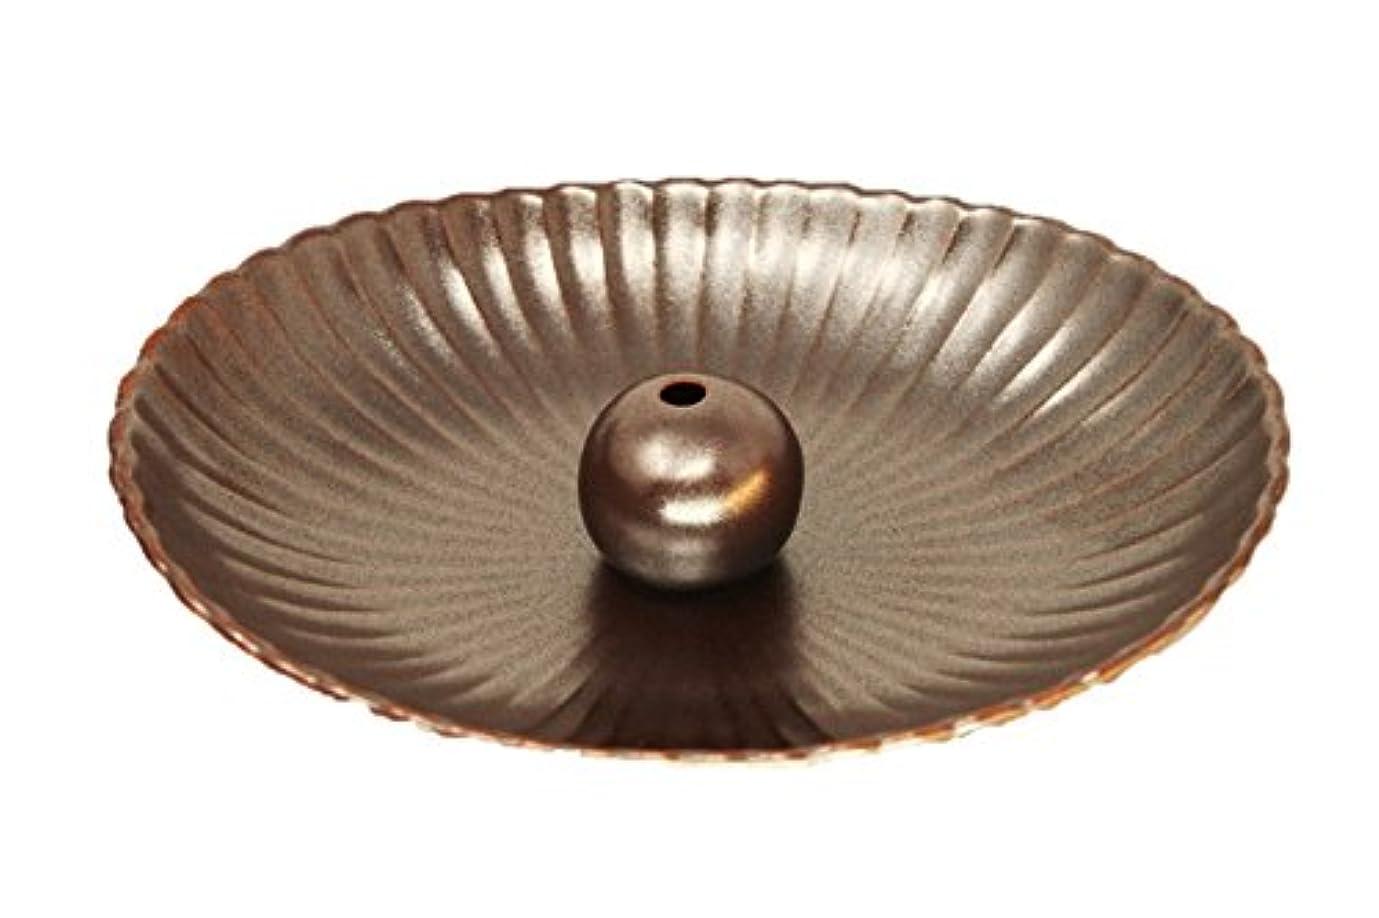 上回る避難するほこりっぽい鉄器色 楕円皿 日本製 製造?直売 お香立て お香たて 陶器 少し深めな香皿